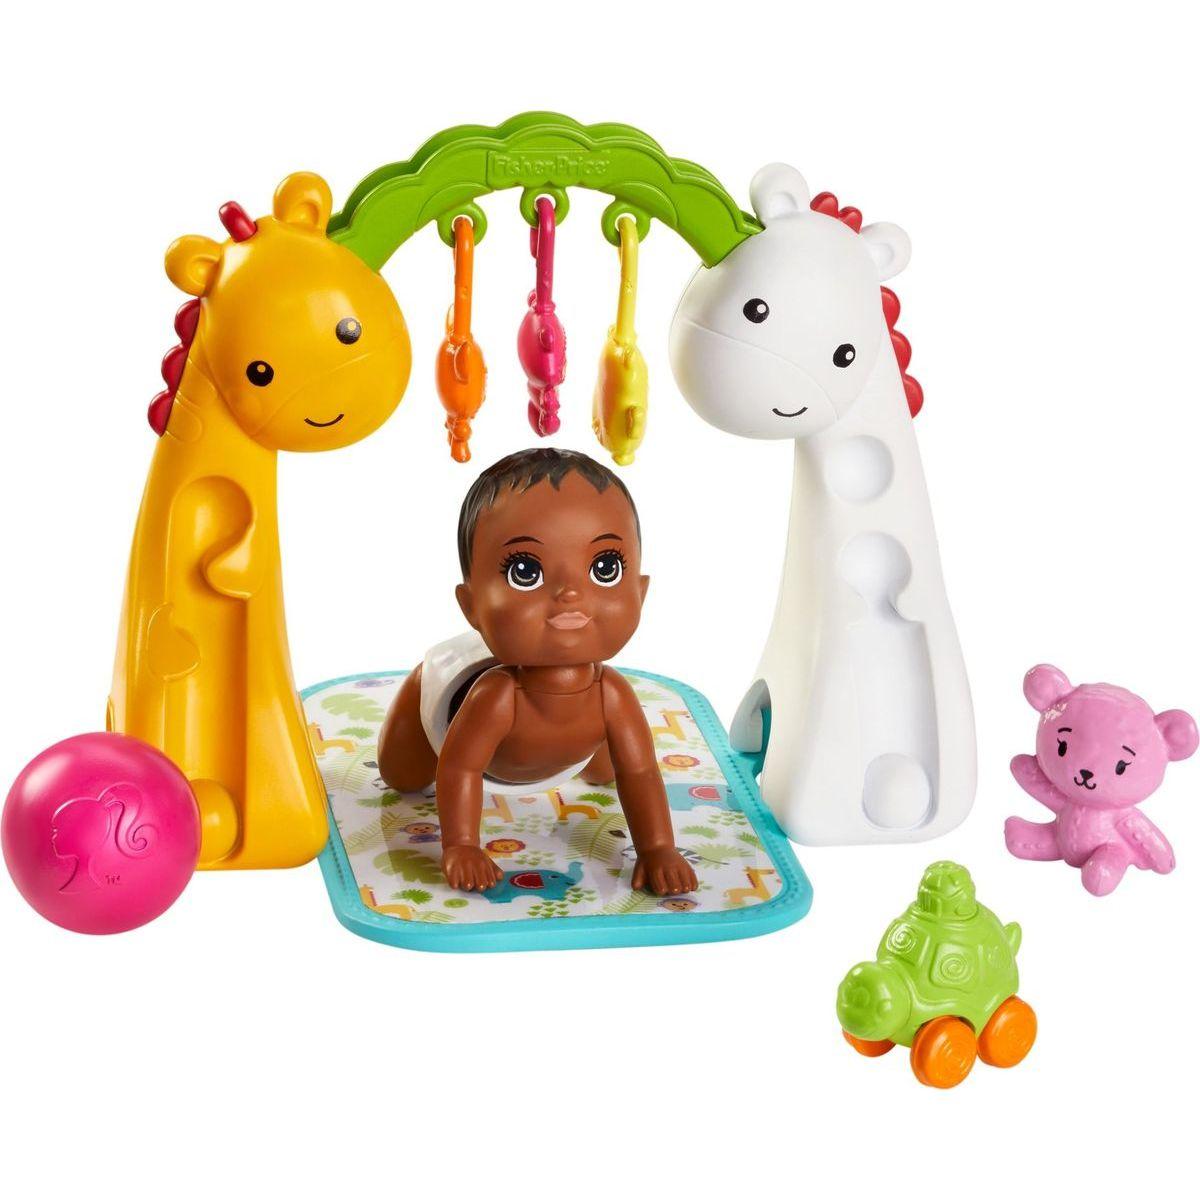 Mattel Barbie bábätko herné set bábätko s hrazdou